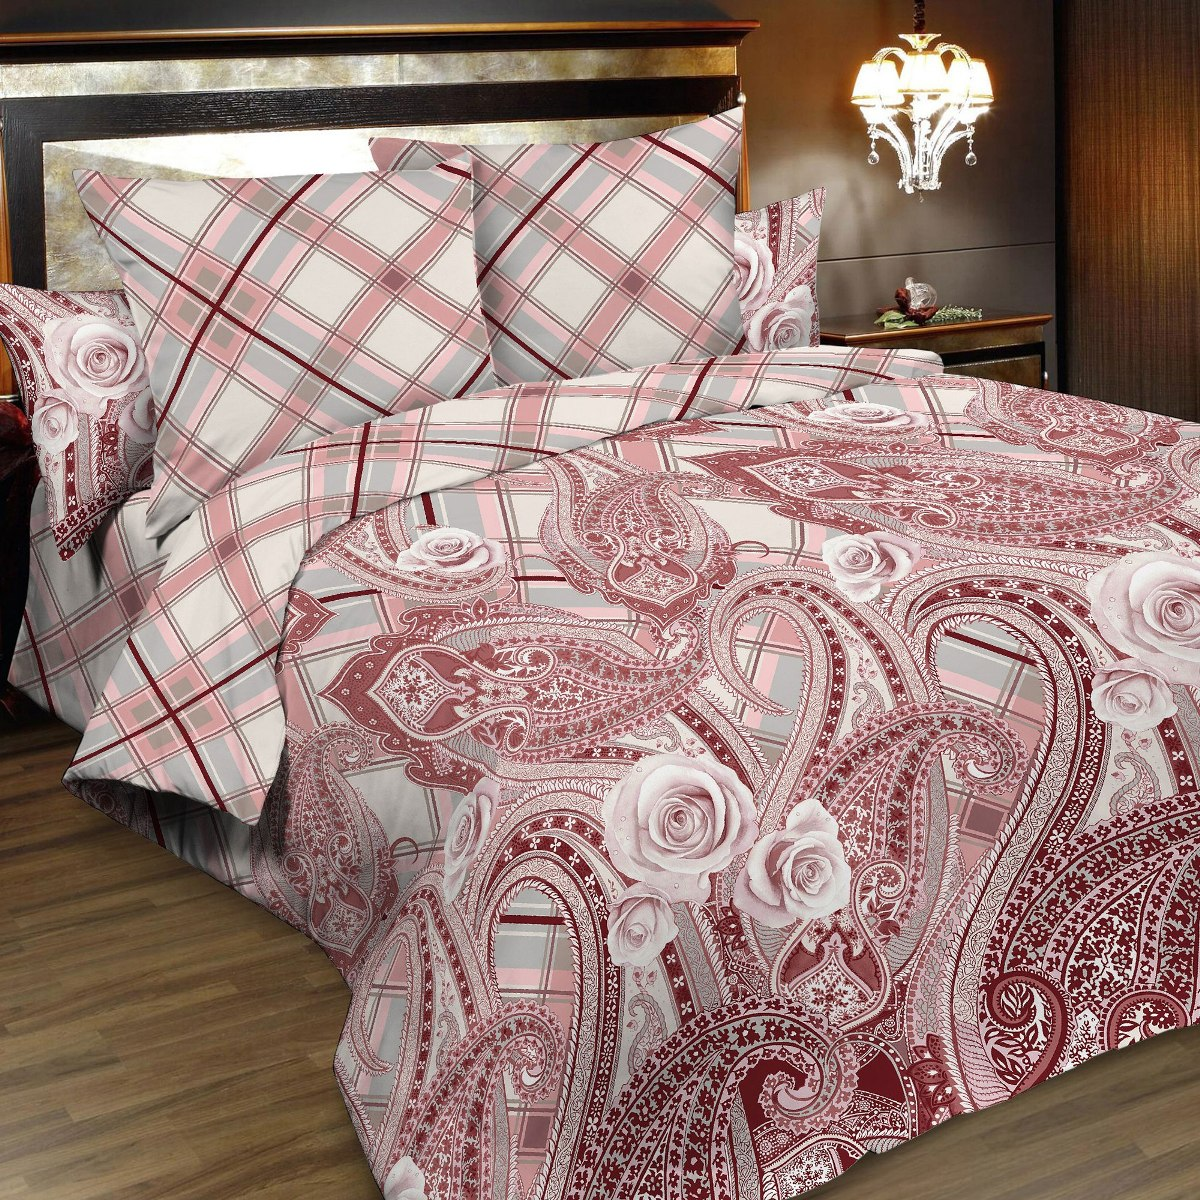 Комплект белья Letto, 2-спальный, наволочки 70х70, цвет: розовый. B169-4B169-4Серия Letto «Традиция» выполнена из классической российской бязи, привычной для большинства российских покупательниц. Ткань плотная (125гр/м), используются современные устойчивые красители. Традиционная российская бязь выгодно отличается от импортных аналогов по цене, при том, что сама ткань и толще, меньше сминается и служит намного дольше. Рекомендуется перед первым использованием постирать, но не пересушивать. Применение кондиционера при стирке сделает такое постельное белье мягче и комфортней. Пододеяльник на молнии. Обращаем внимание, что расцветка наволочек может отличаться от представленной на фото.